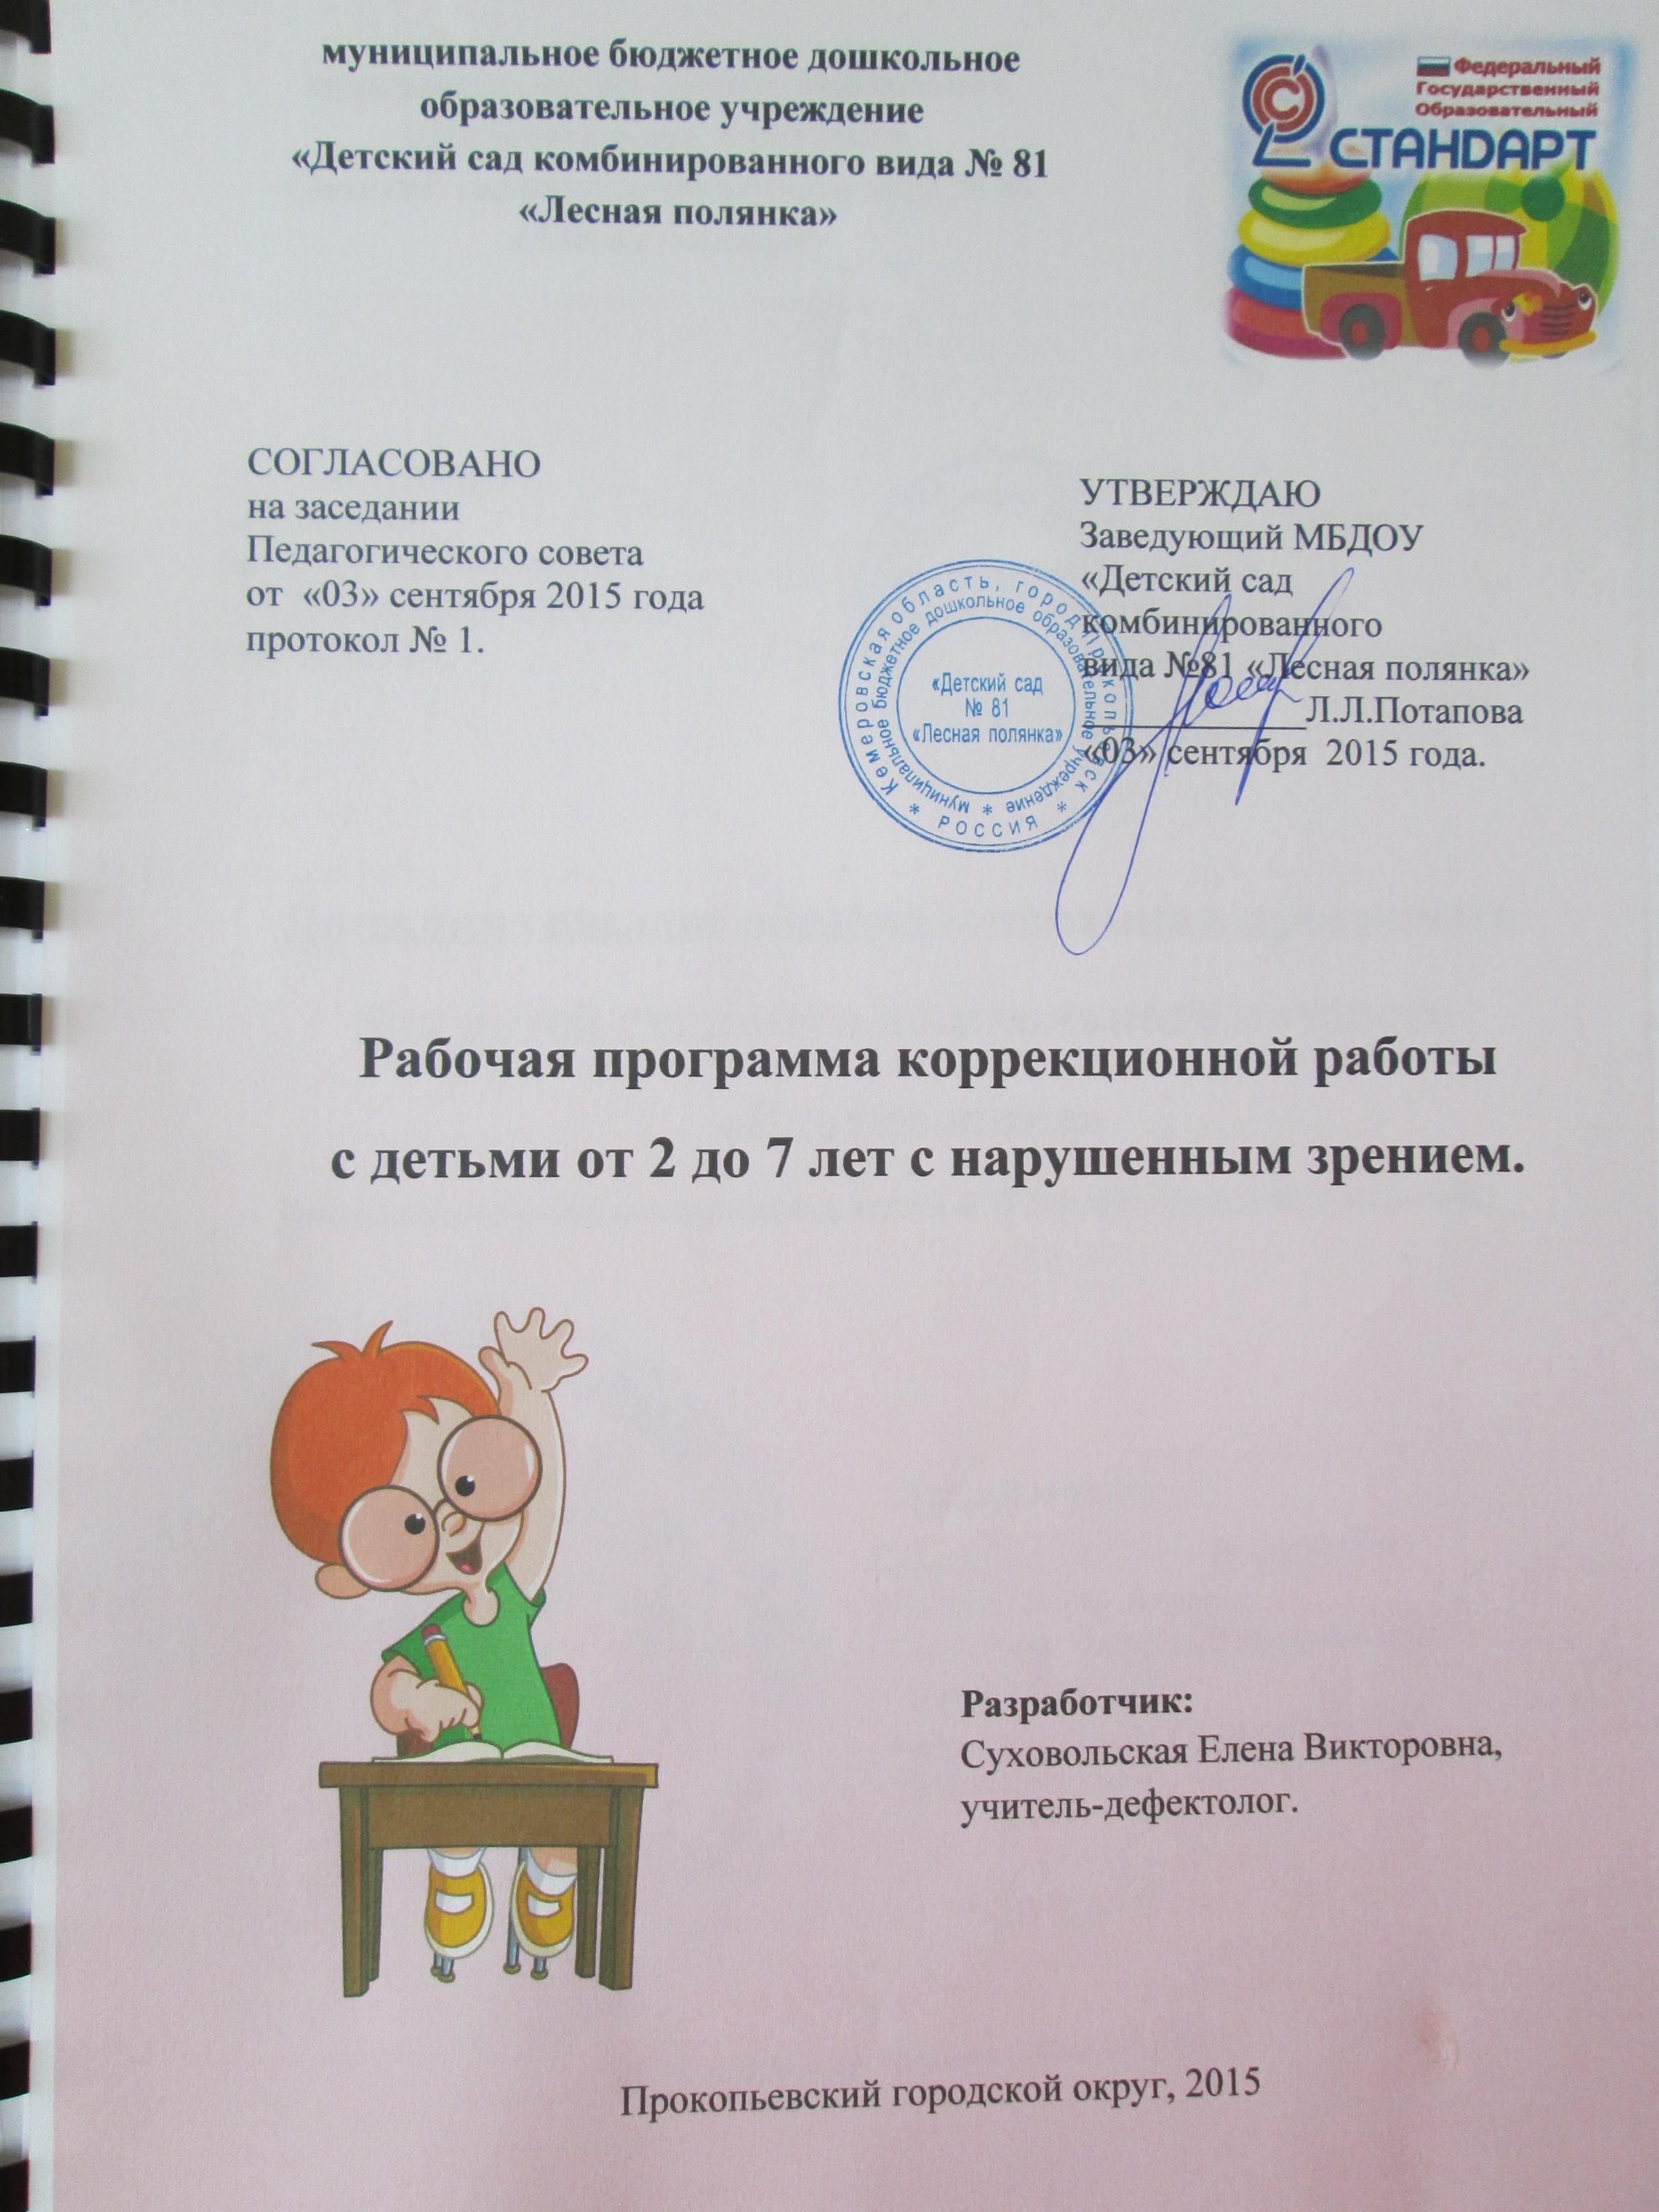 Коррекционные программы для детского сада